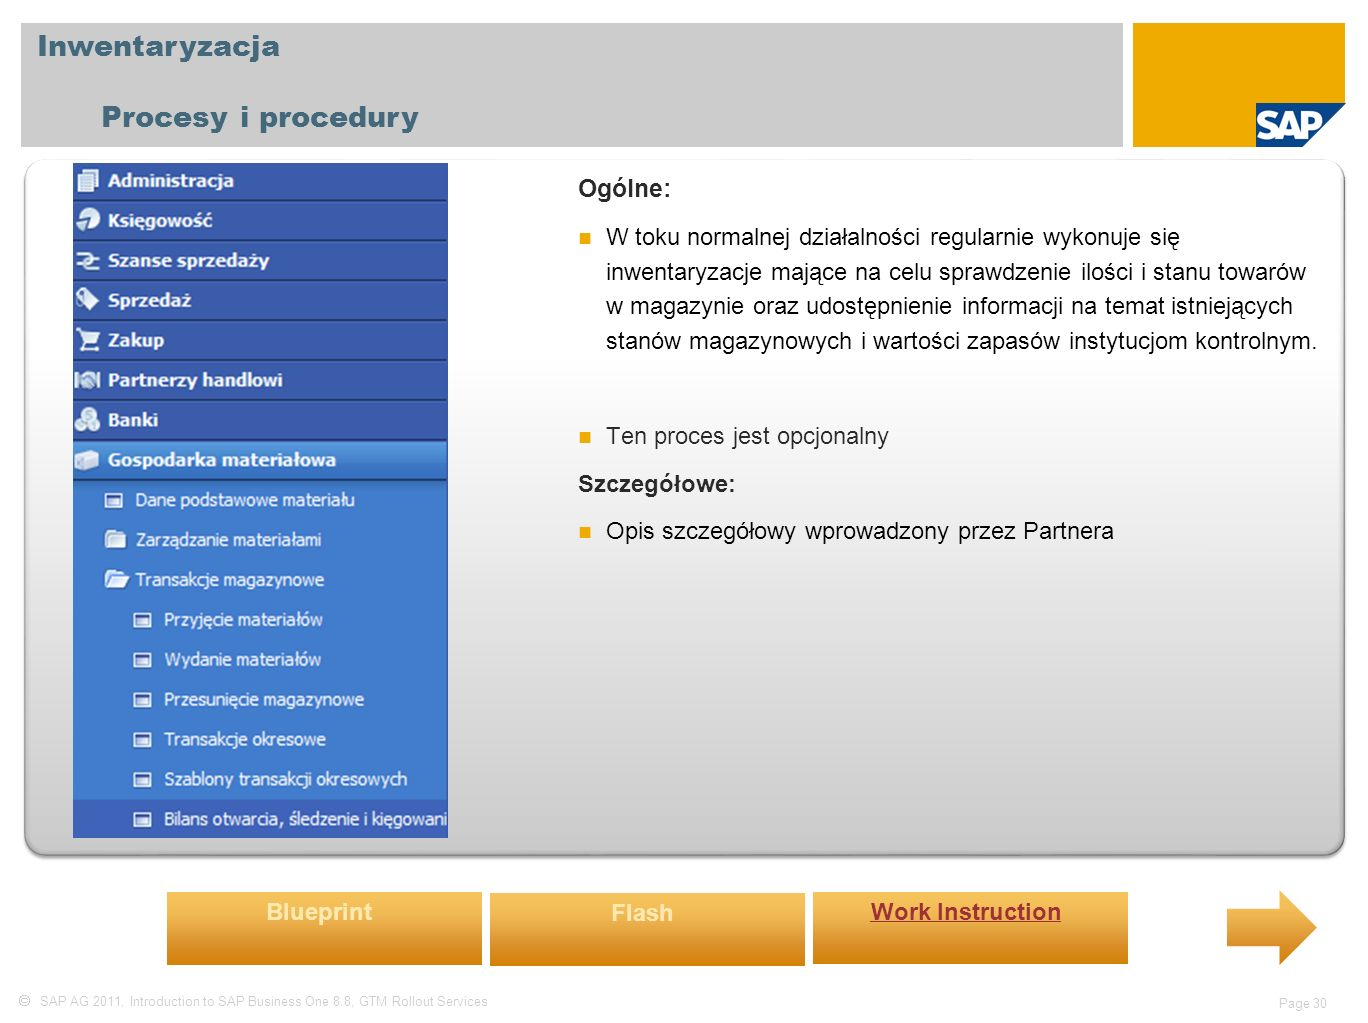  SAP AG 2011, Introduction to SAP Business One 8.8, GTM Rollout Services Page 30 Inwentaryzacja Procesy i procedury Ogólne: W toku normalnej działaln